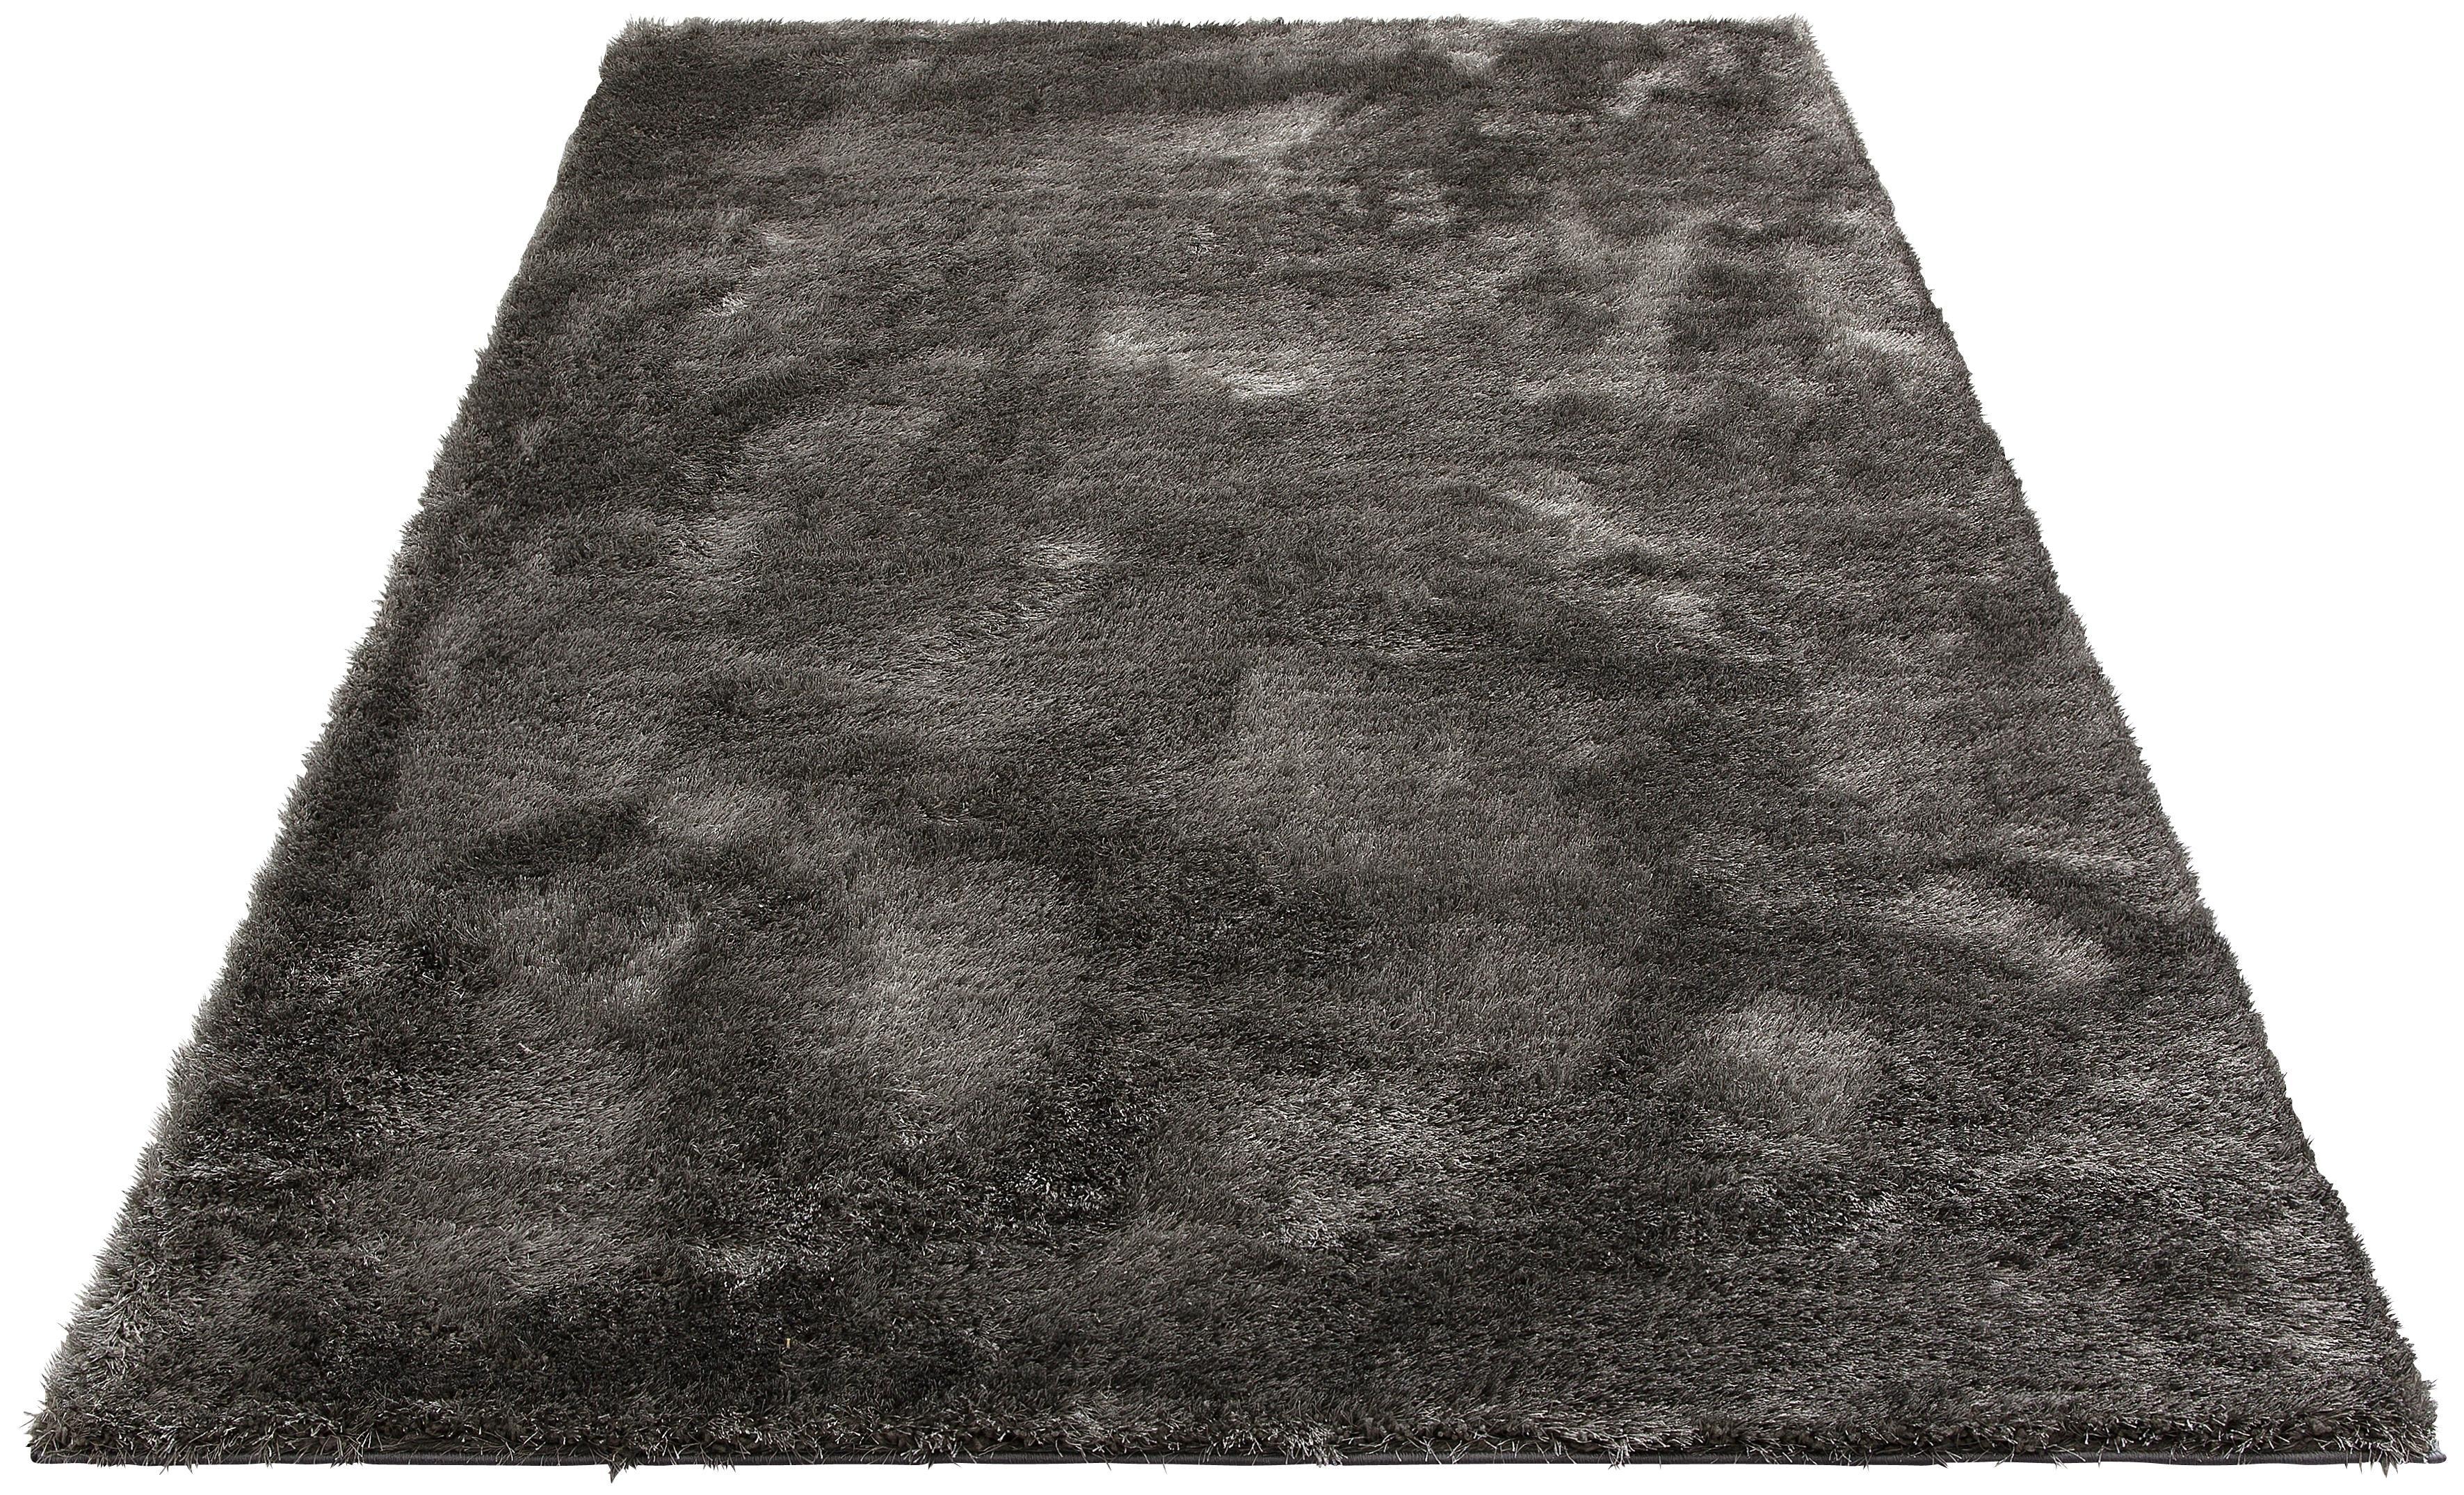 My Home Hoogpolig vloerkleed, »Mikro Soft Super«,Selection, rechth., hoogte 50 mm, mach. geweven goedkoop op otto.nl kopen